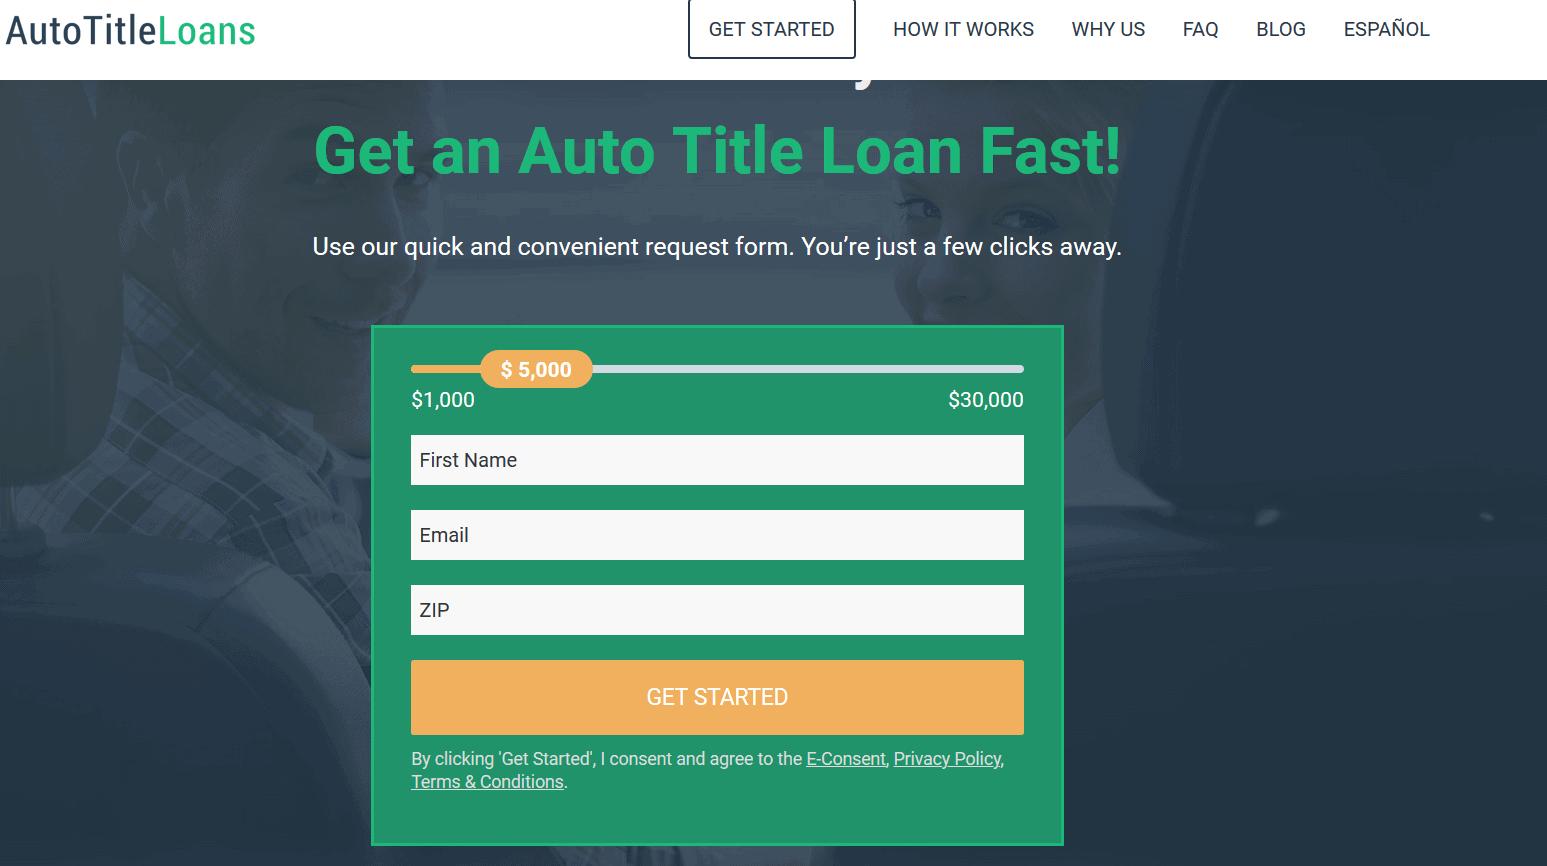 Auto Title Loans Review...